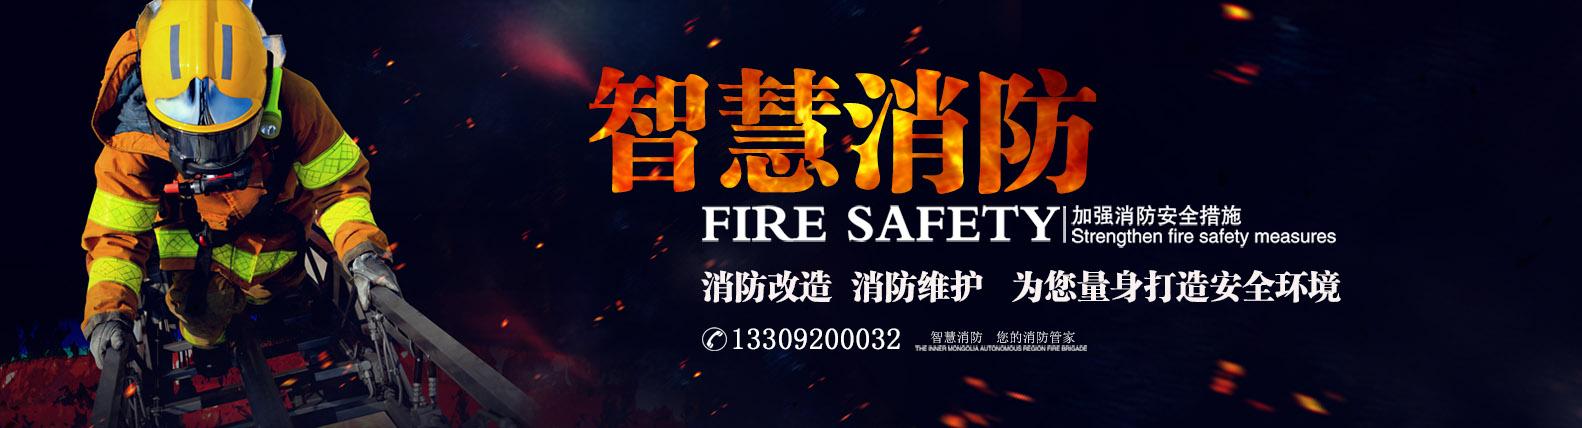 你知道消防检测一年应该做几次吗?西安消防检测告诉你